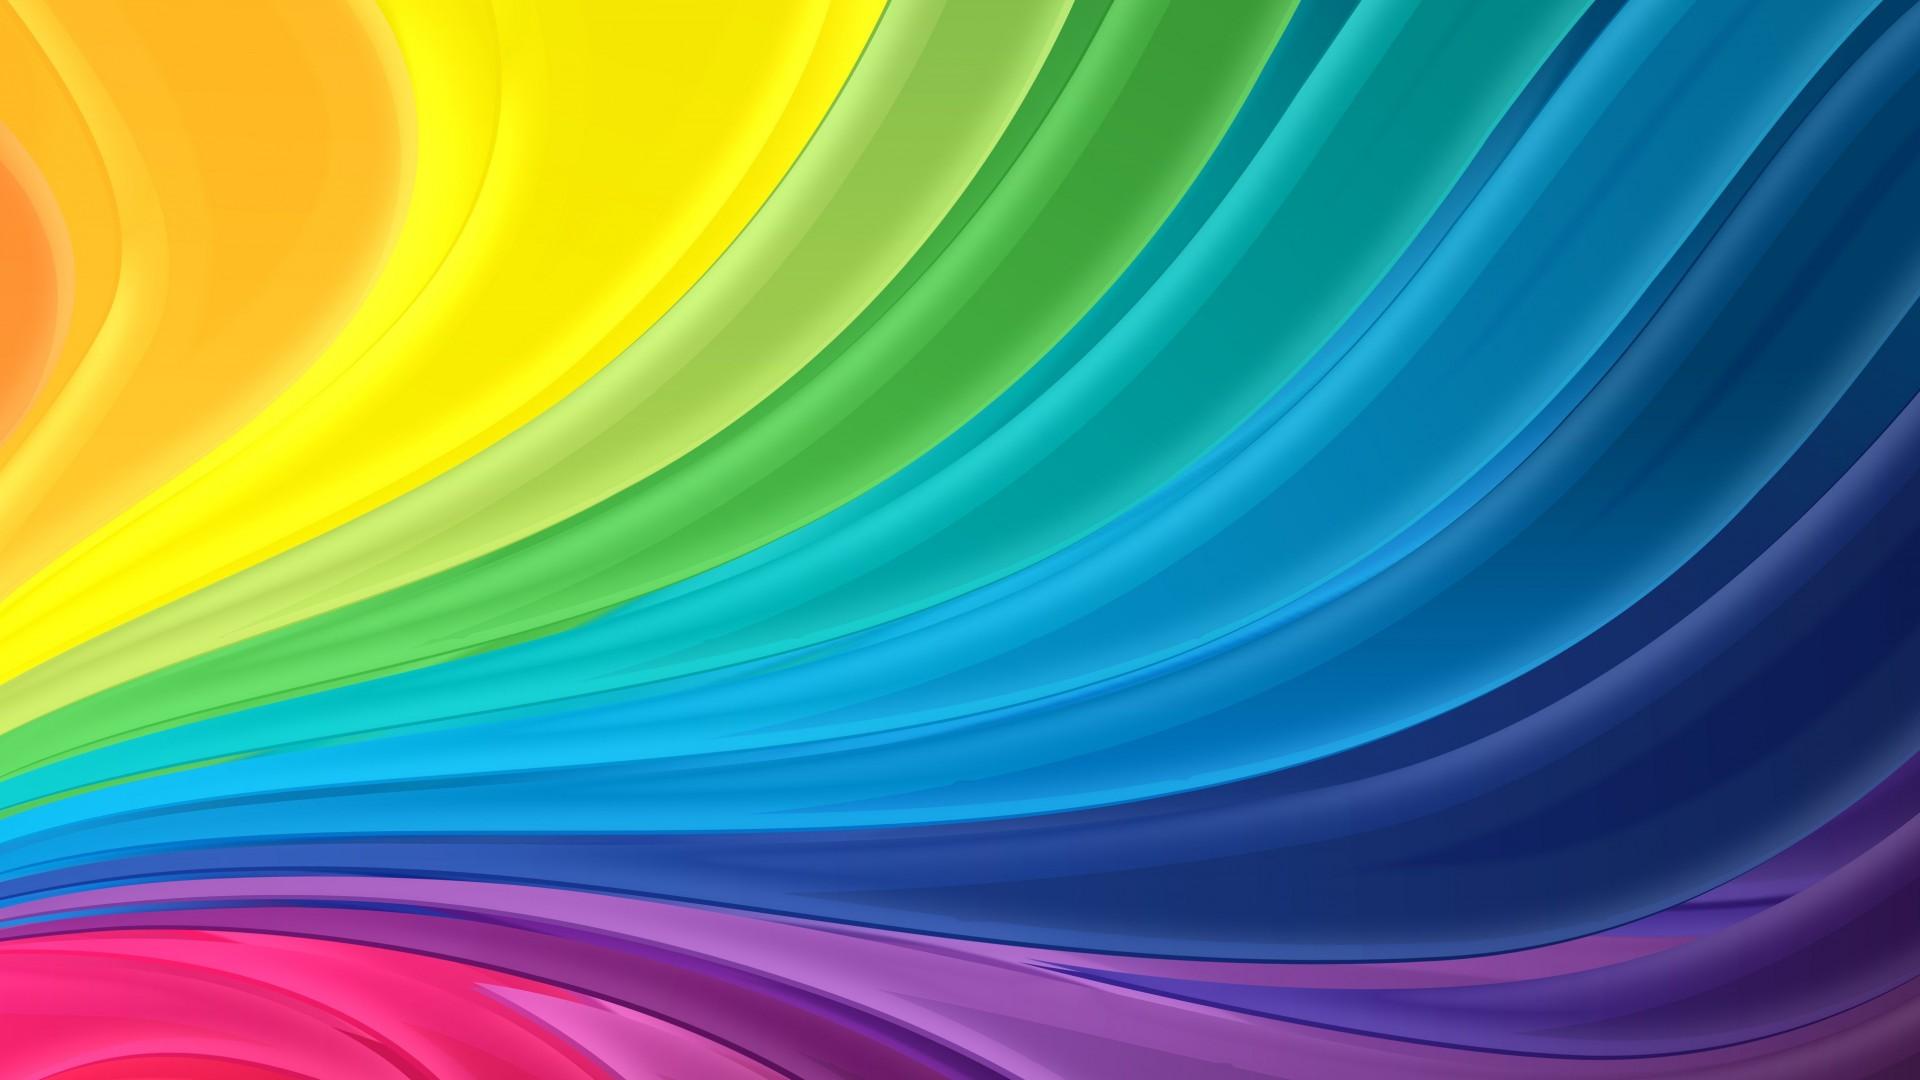 Colorful stripes 4K Ultra HD wallpaper 4k WallpaperNet 1920x1080